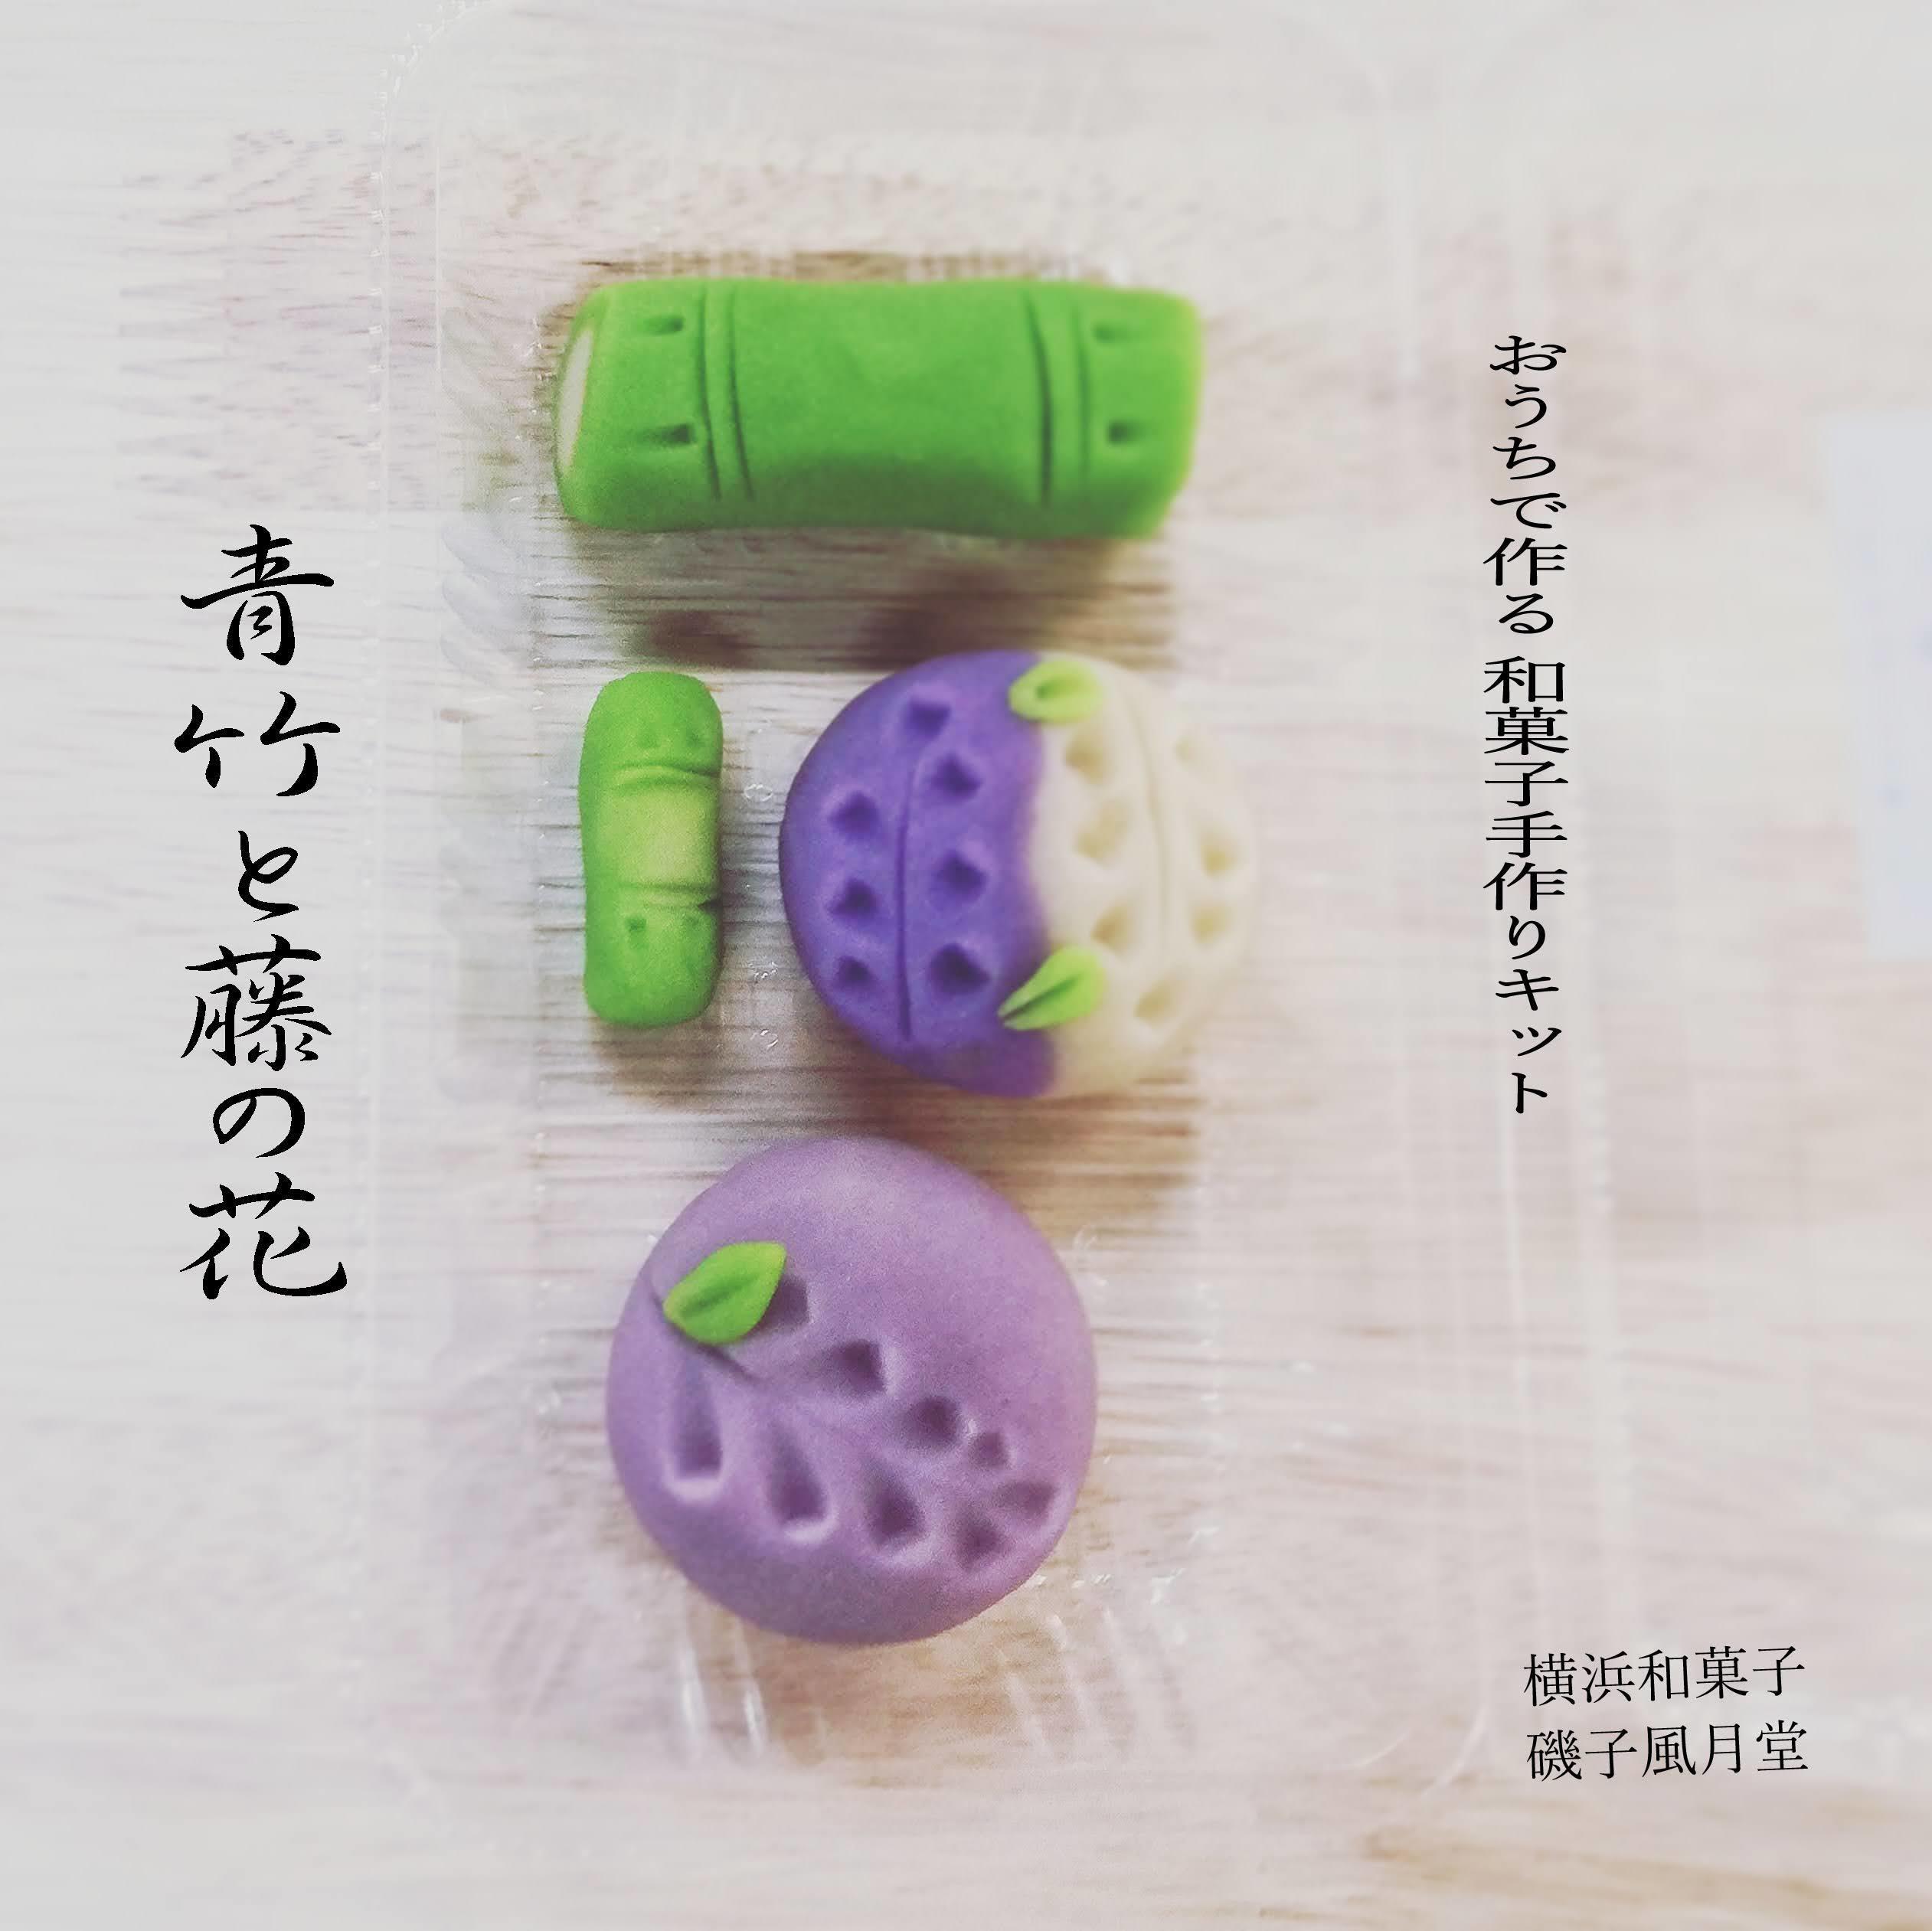 おうちで和菓子 和菓子キット 磯子風月堂_e0092594_22573486.jpg